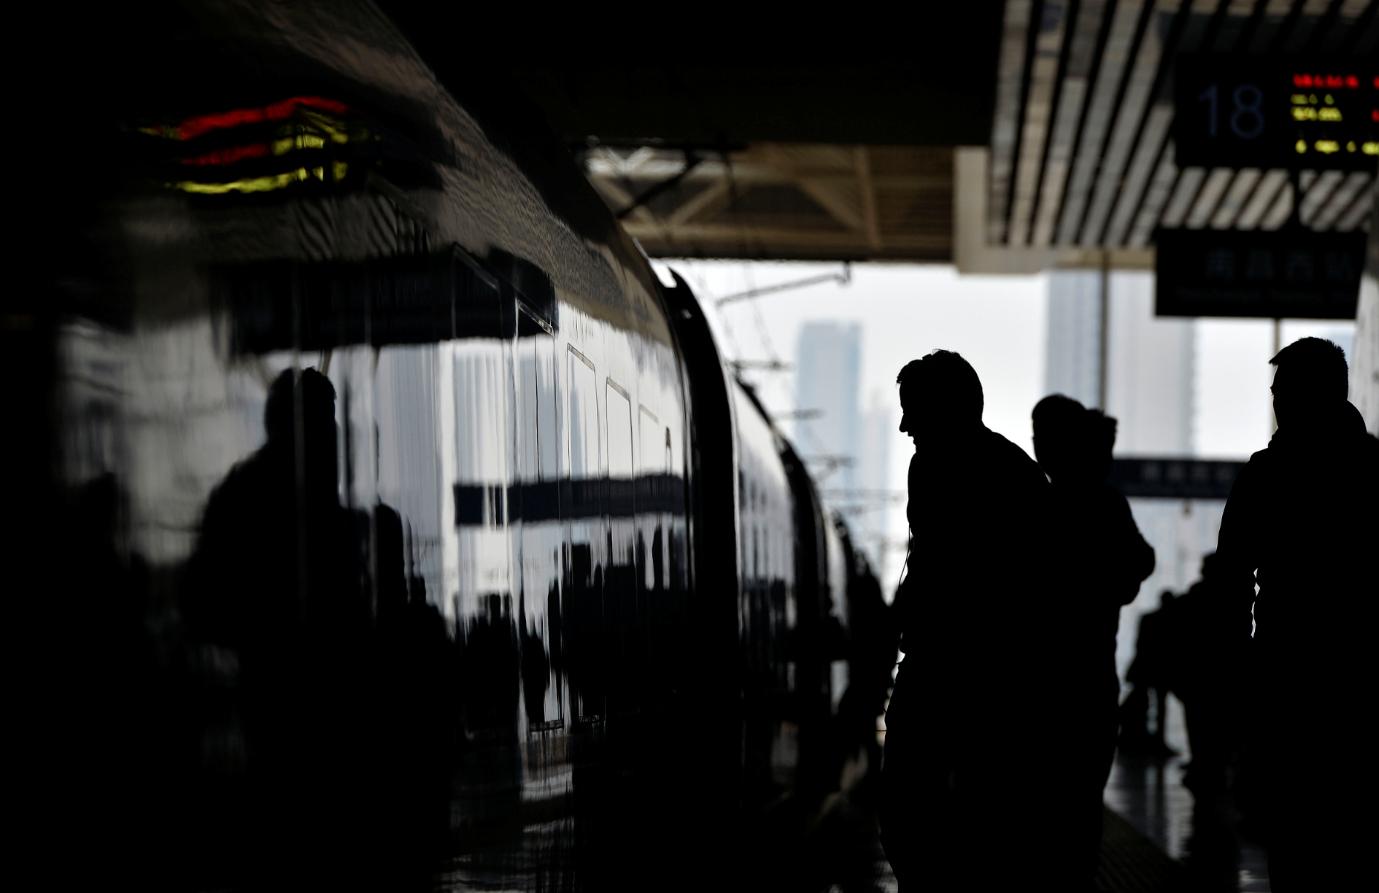 춘절을 맞아 중국에 연인원 30억명 규모의 민족 대이동이 예상된다. 사람 간 전염이 공식 확인되며 대규모 감염 확산이 우려되는 이유다. EPA/ 연합뉴스